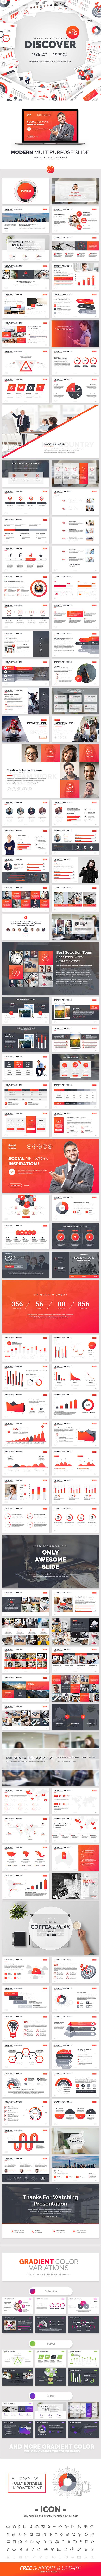 Discover Google Slide - Google Slides Presentation Templates